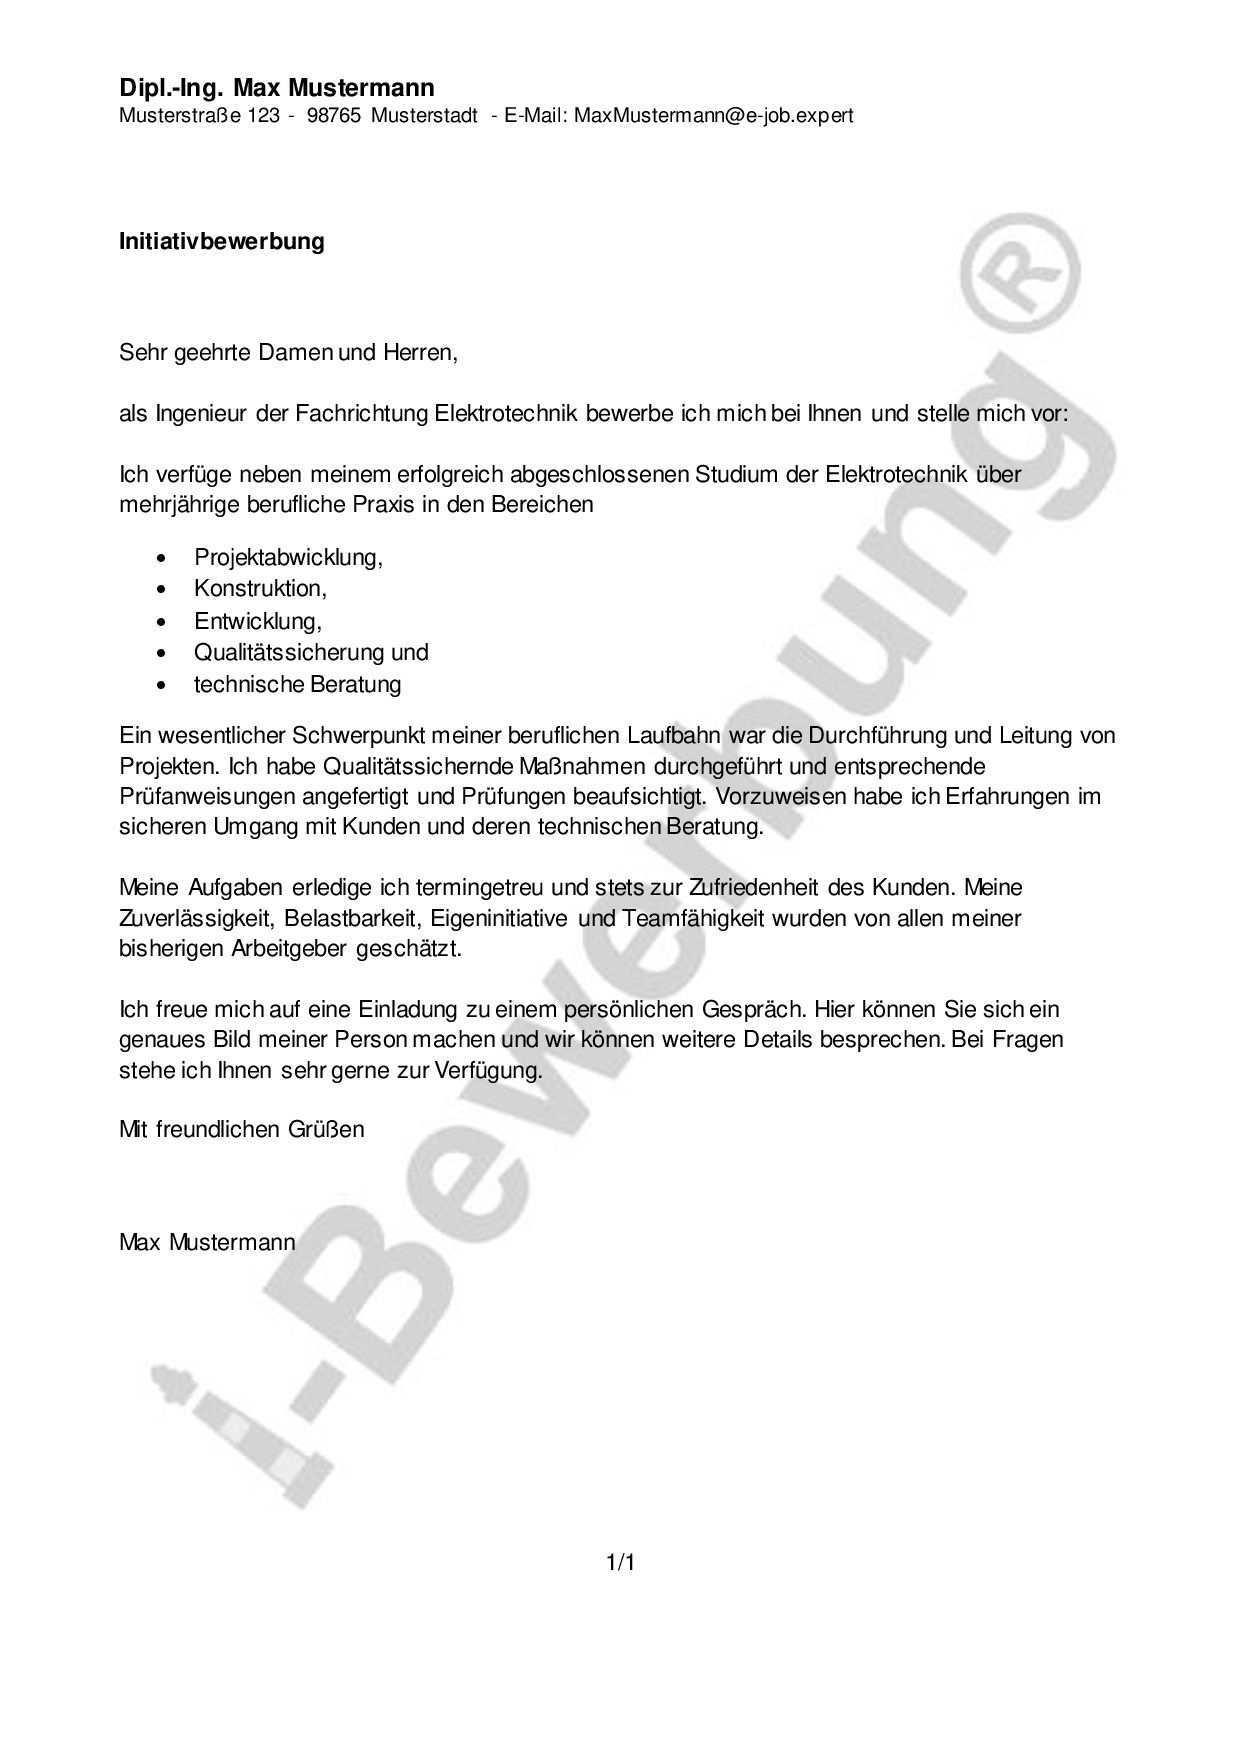 Initiativbewerbung Als Projektleiter Anschreiben Muster Bewerbung Schreiben Bewerbung Anschreiben